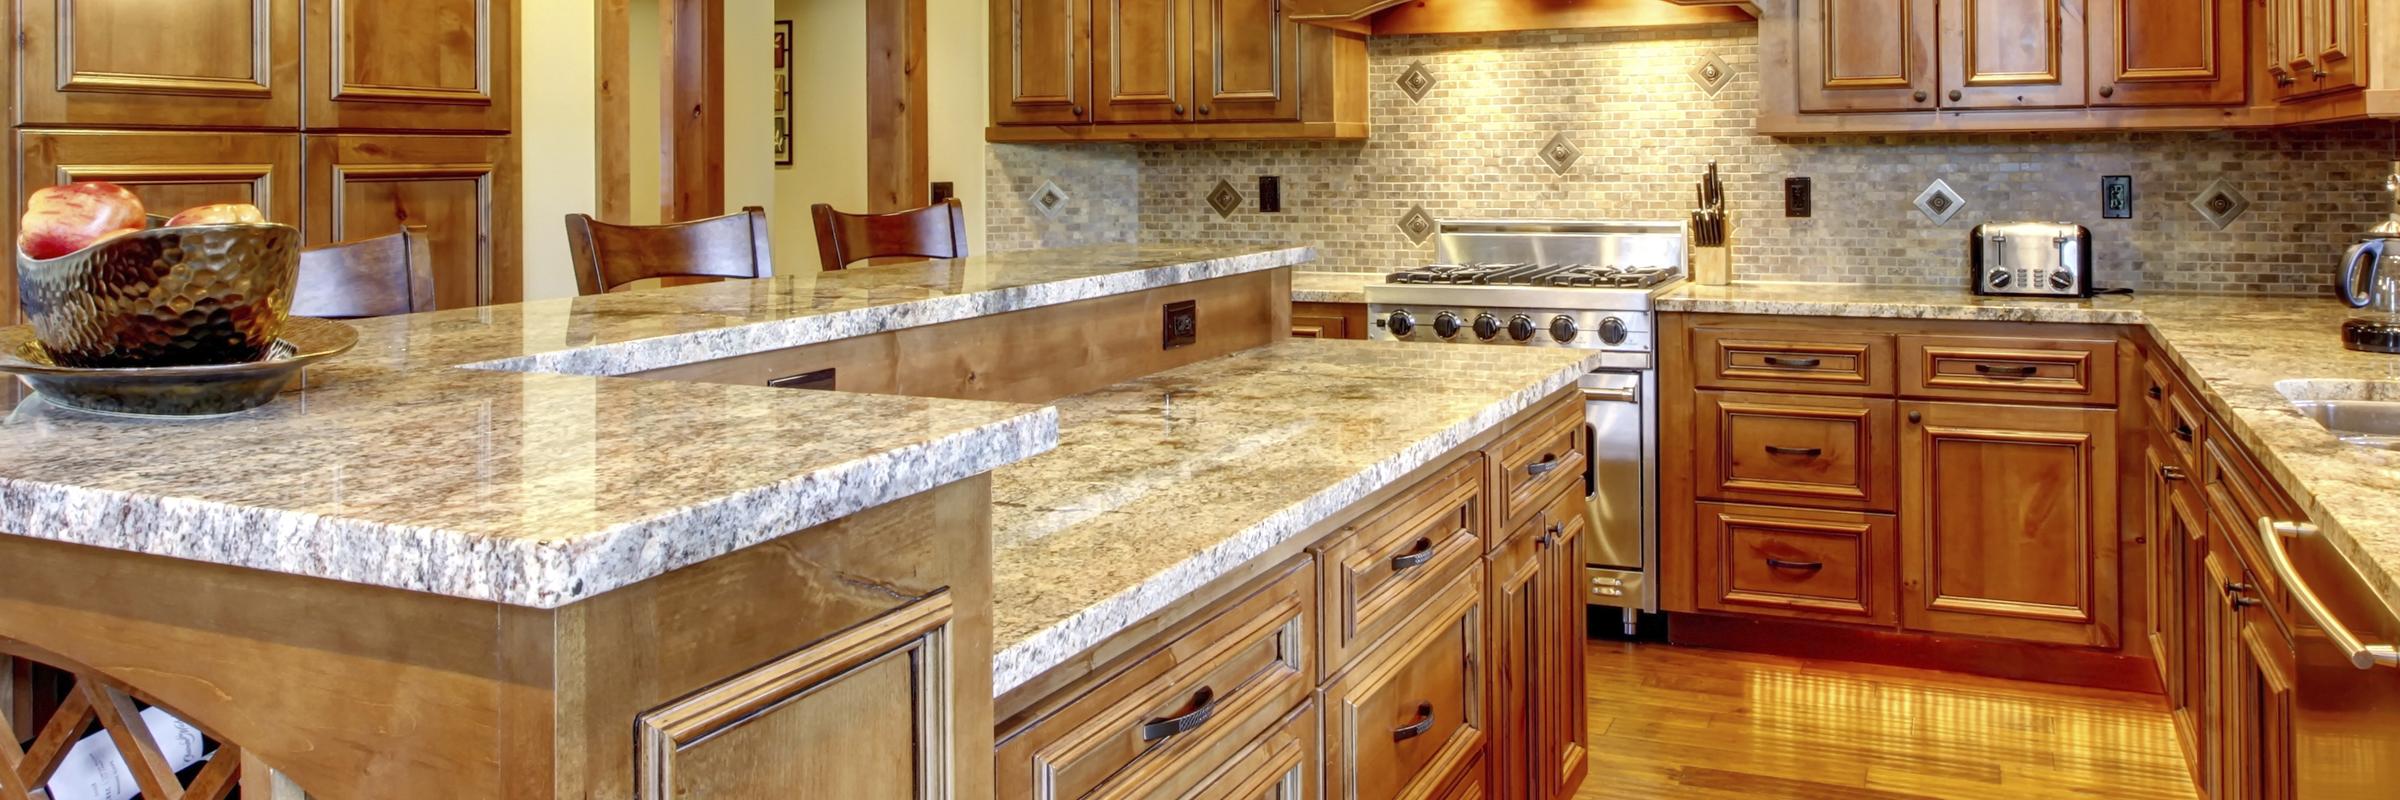 Granite Countertops, natural stone fabricators of granite, granite